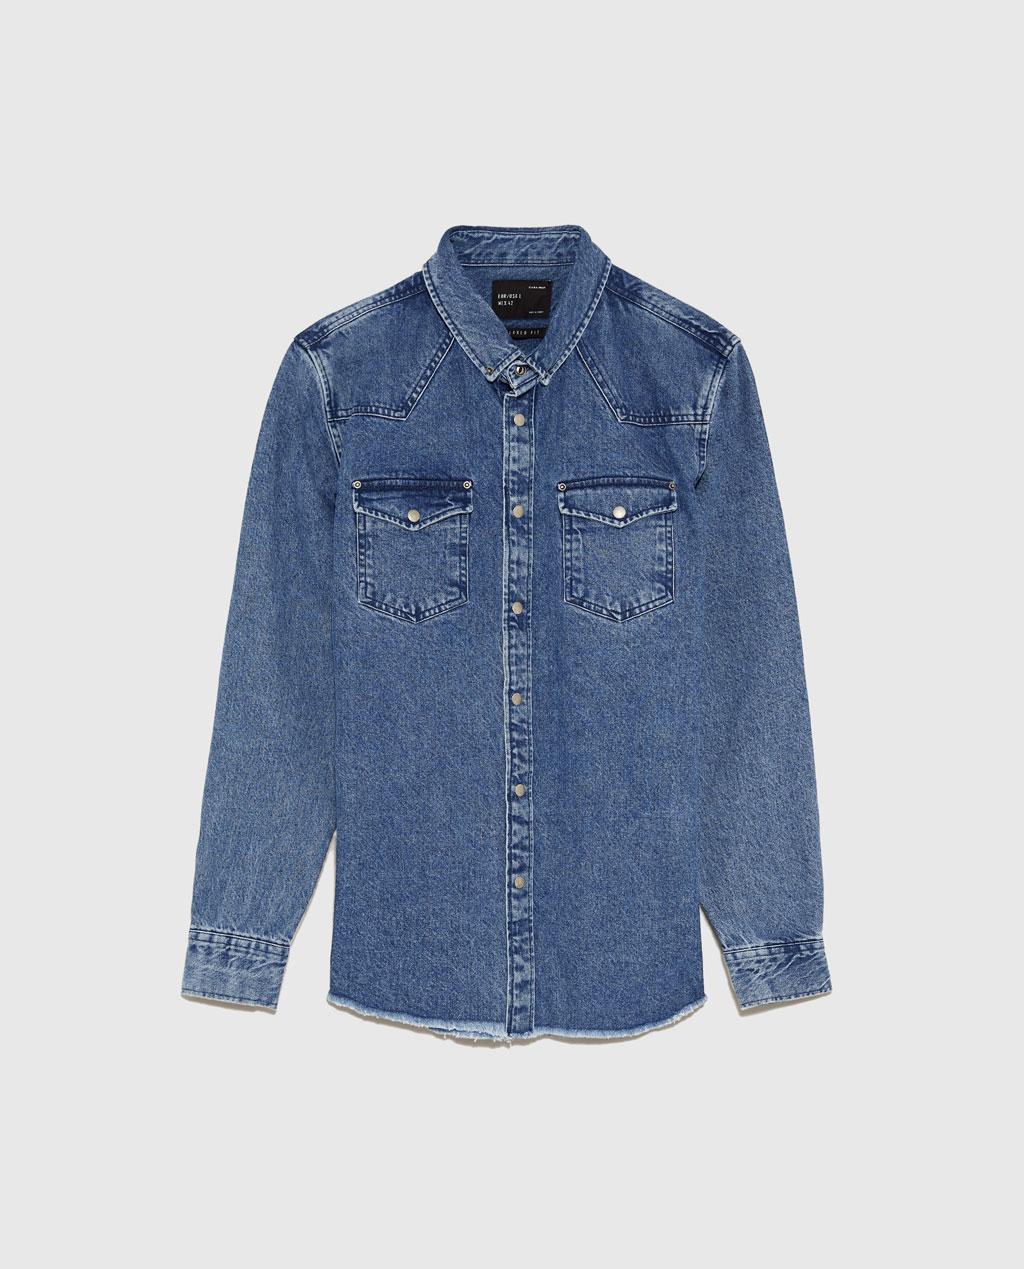 Thời trang nam Zara  23987 - ảnh 8